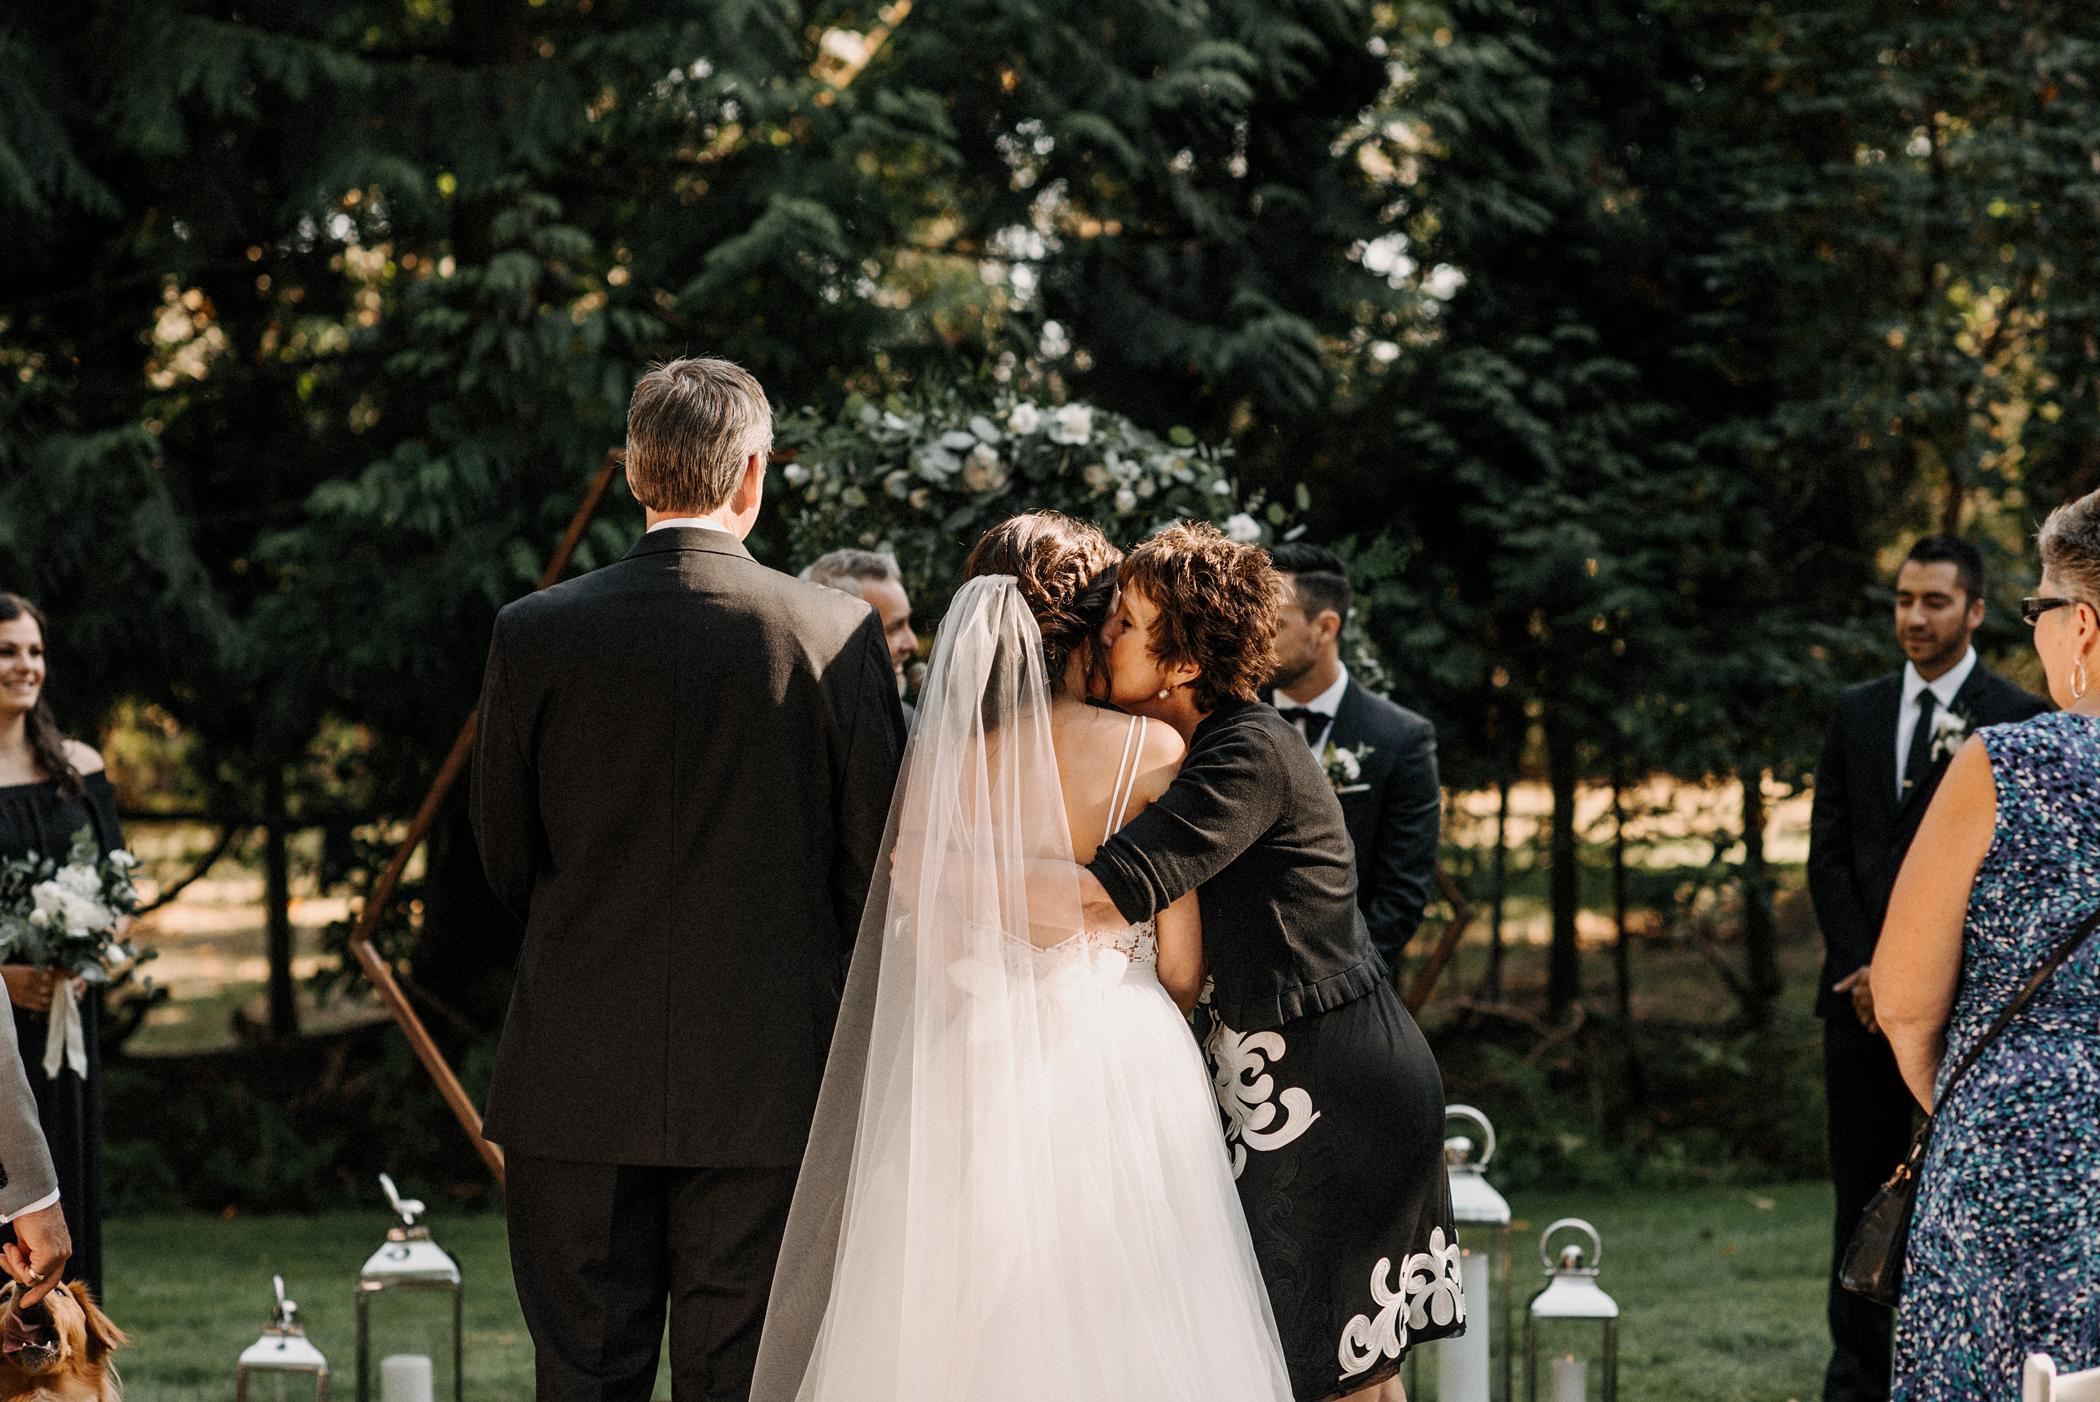 033-kaoverii-silva-KR-wedding-vancouver-photography-blog.png